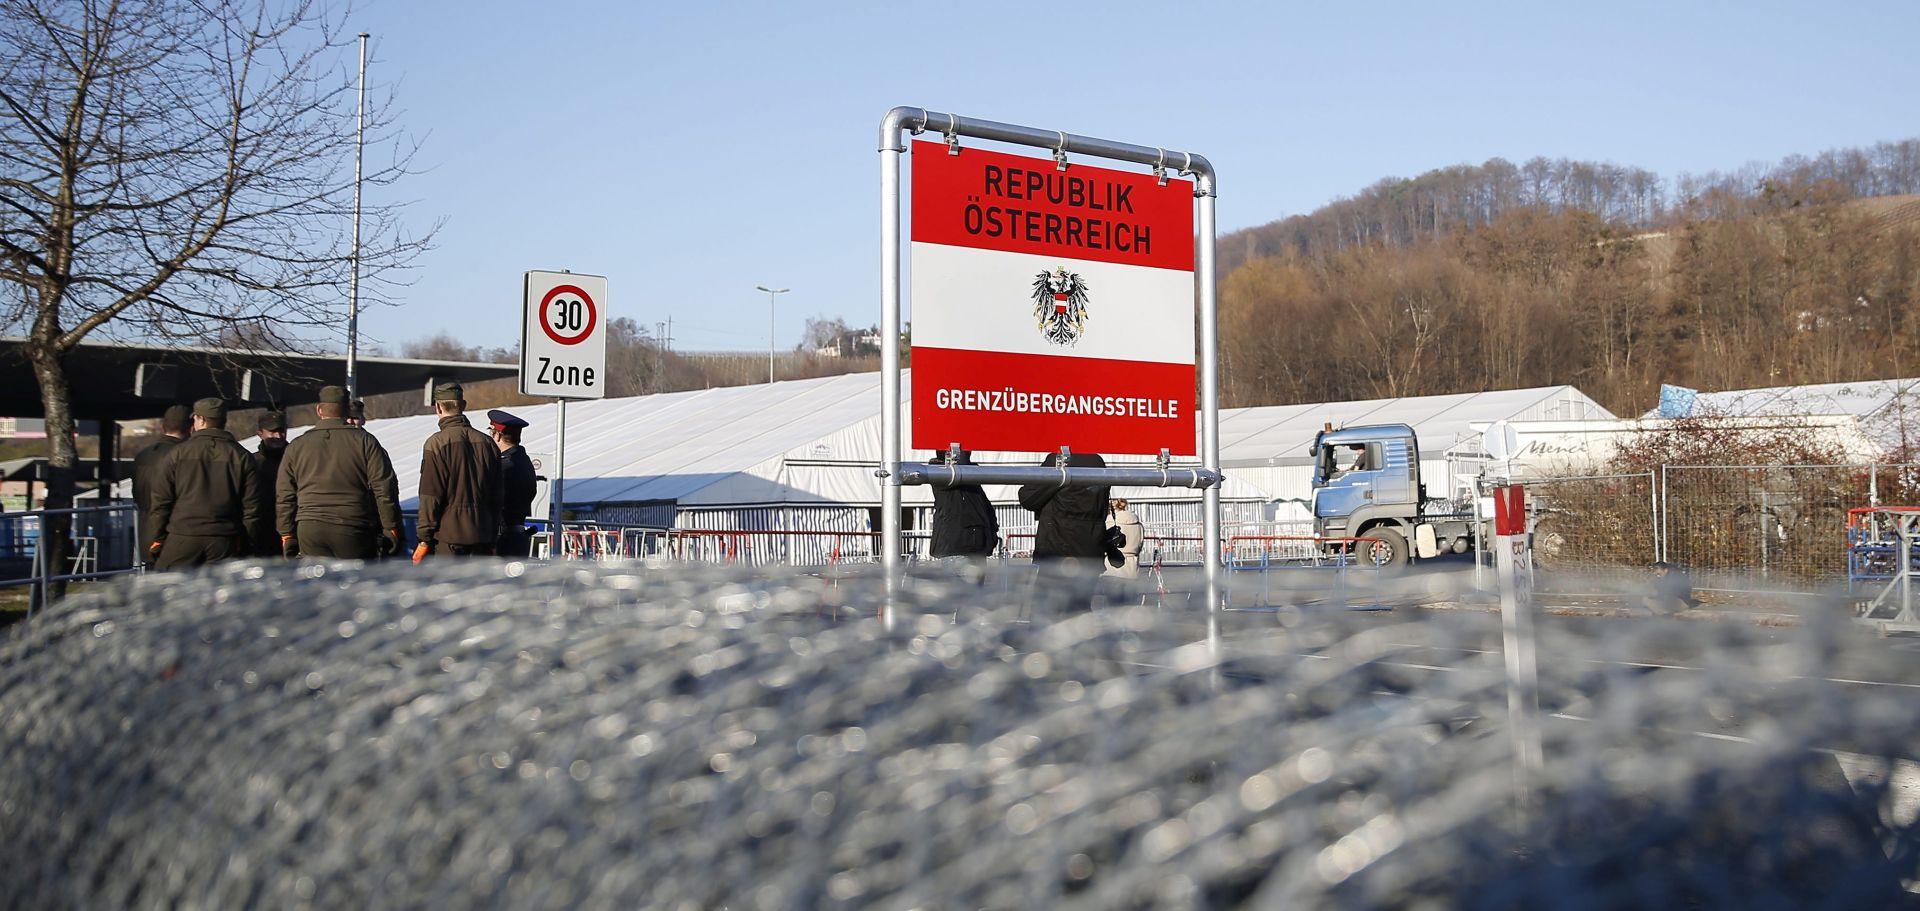 Austrija spremna posredovati u krizi između Rusije i Zapada